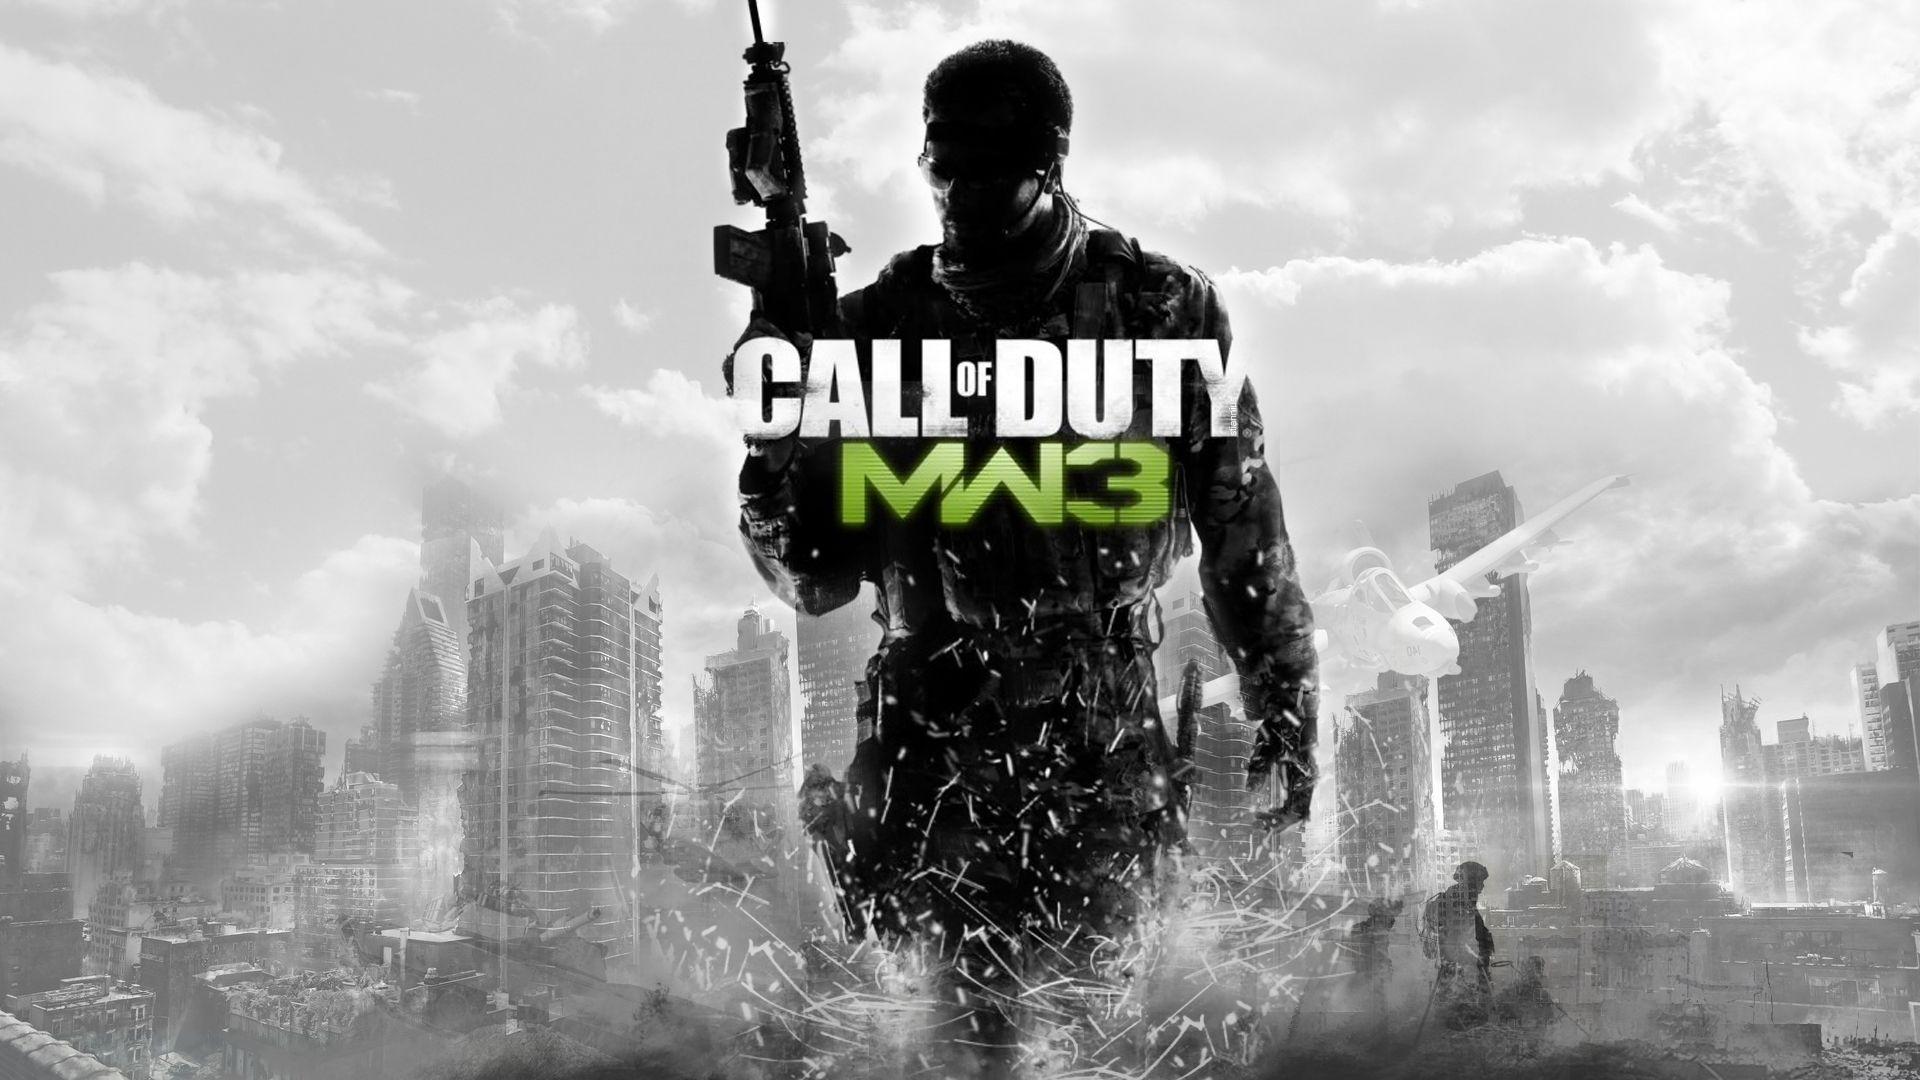 Ja 2011 konnte man die Logos von MW3 und BF3 wirklich austauschen